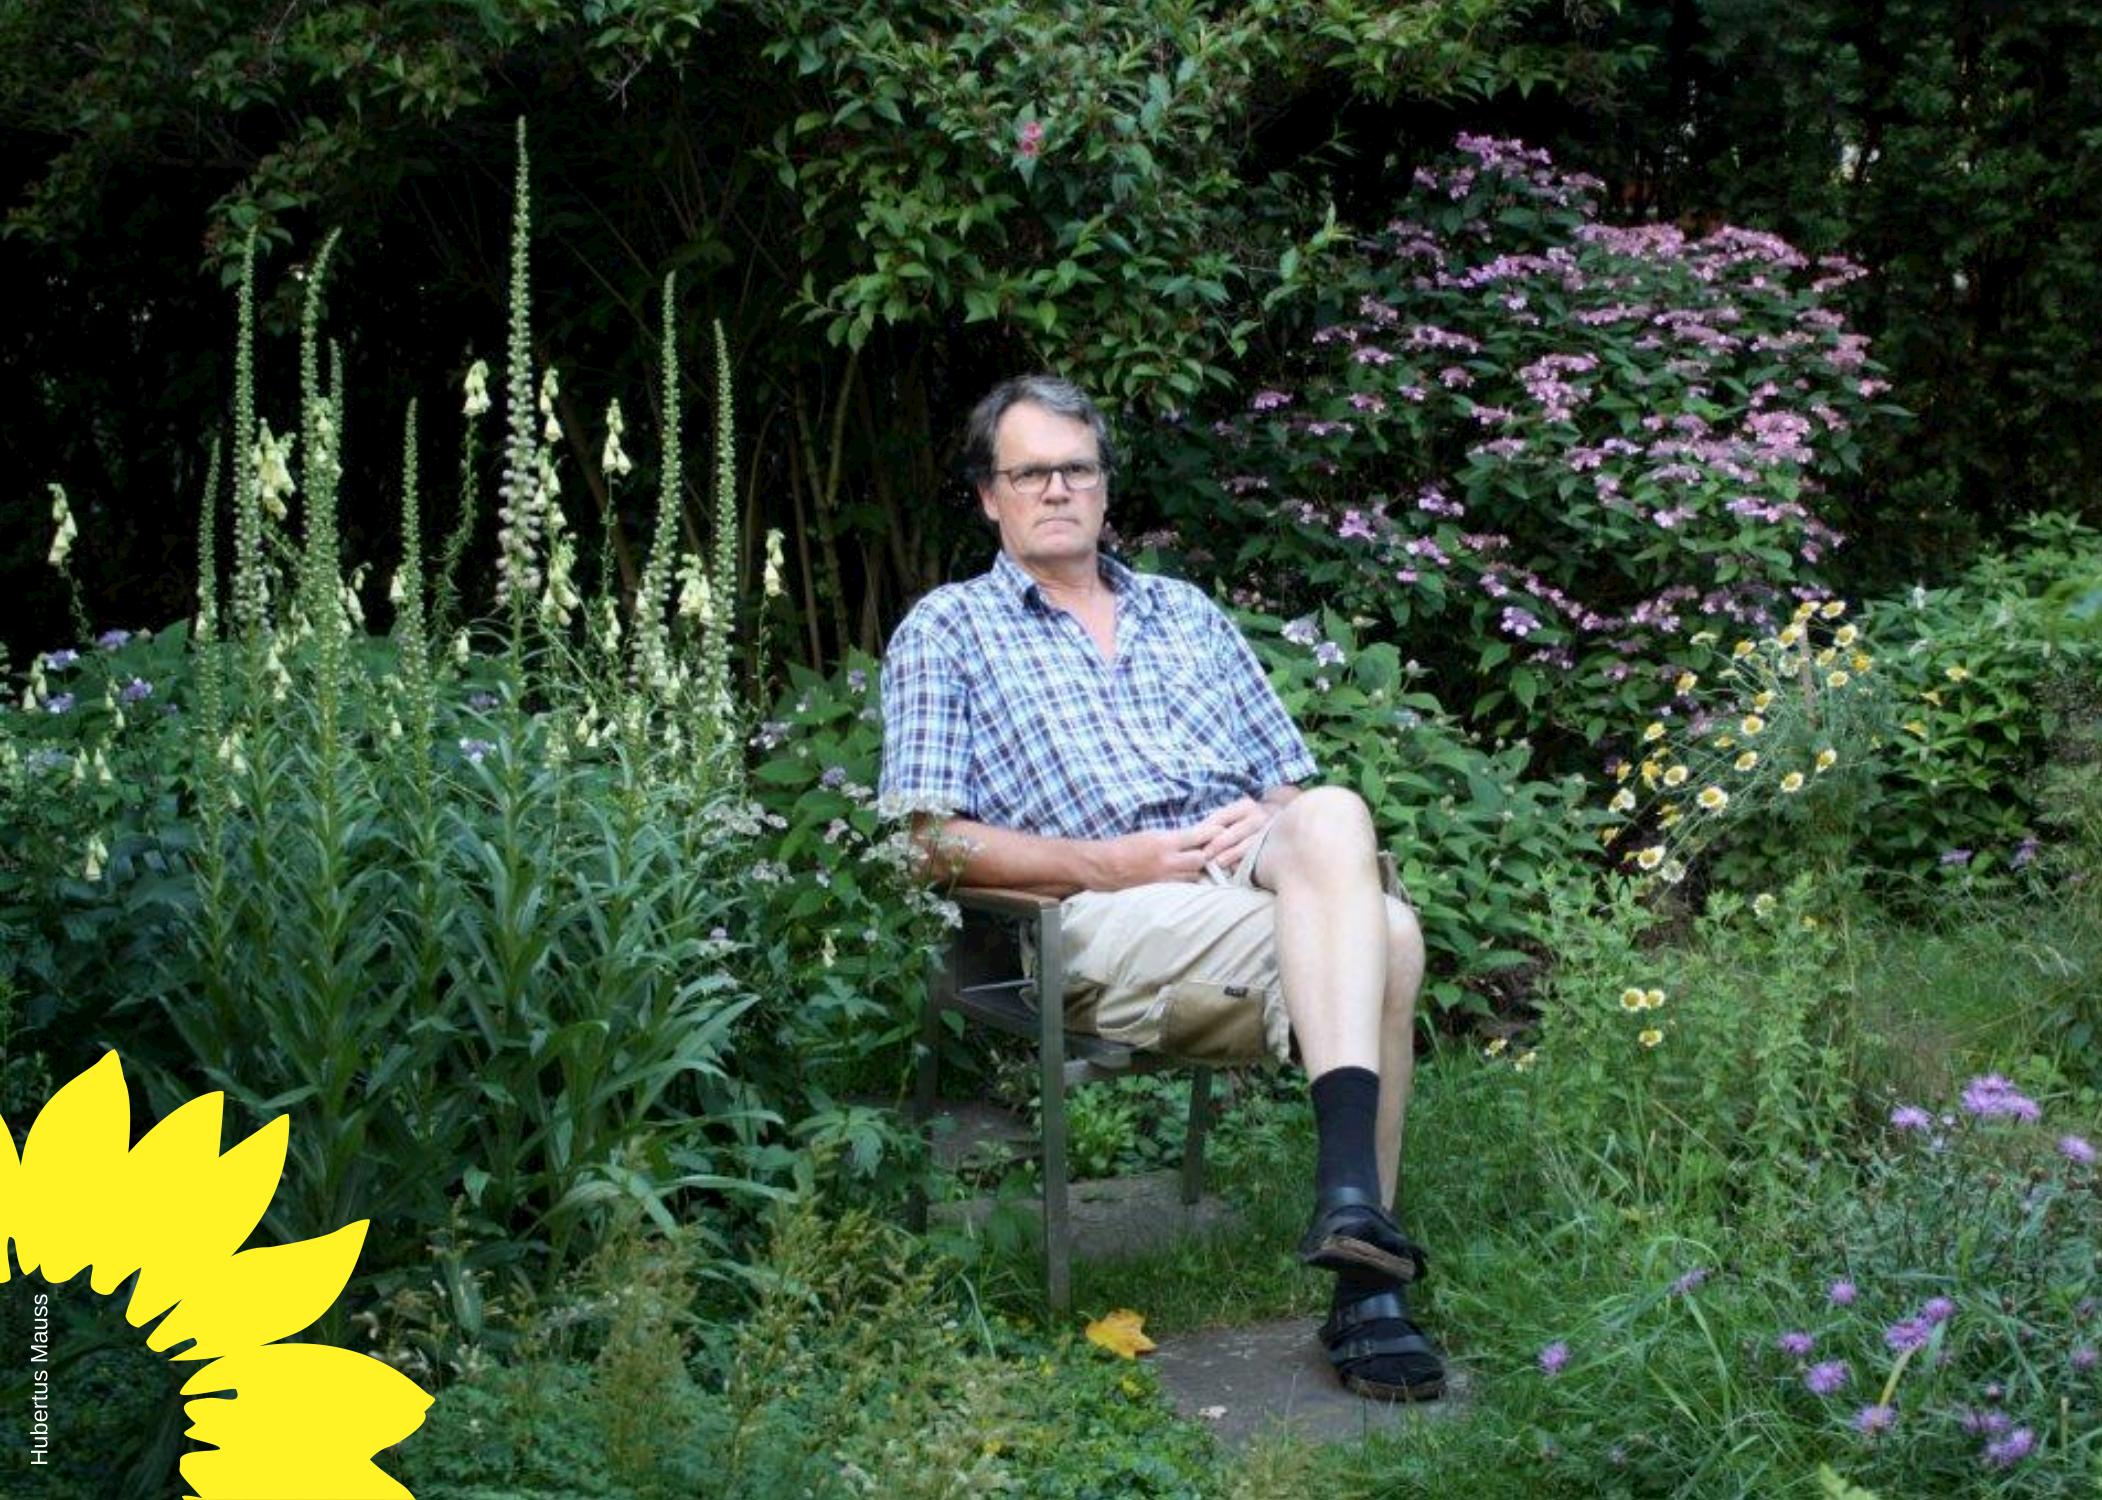 Naturnahe Gärten bieten Heimat für Mensch und Tier